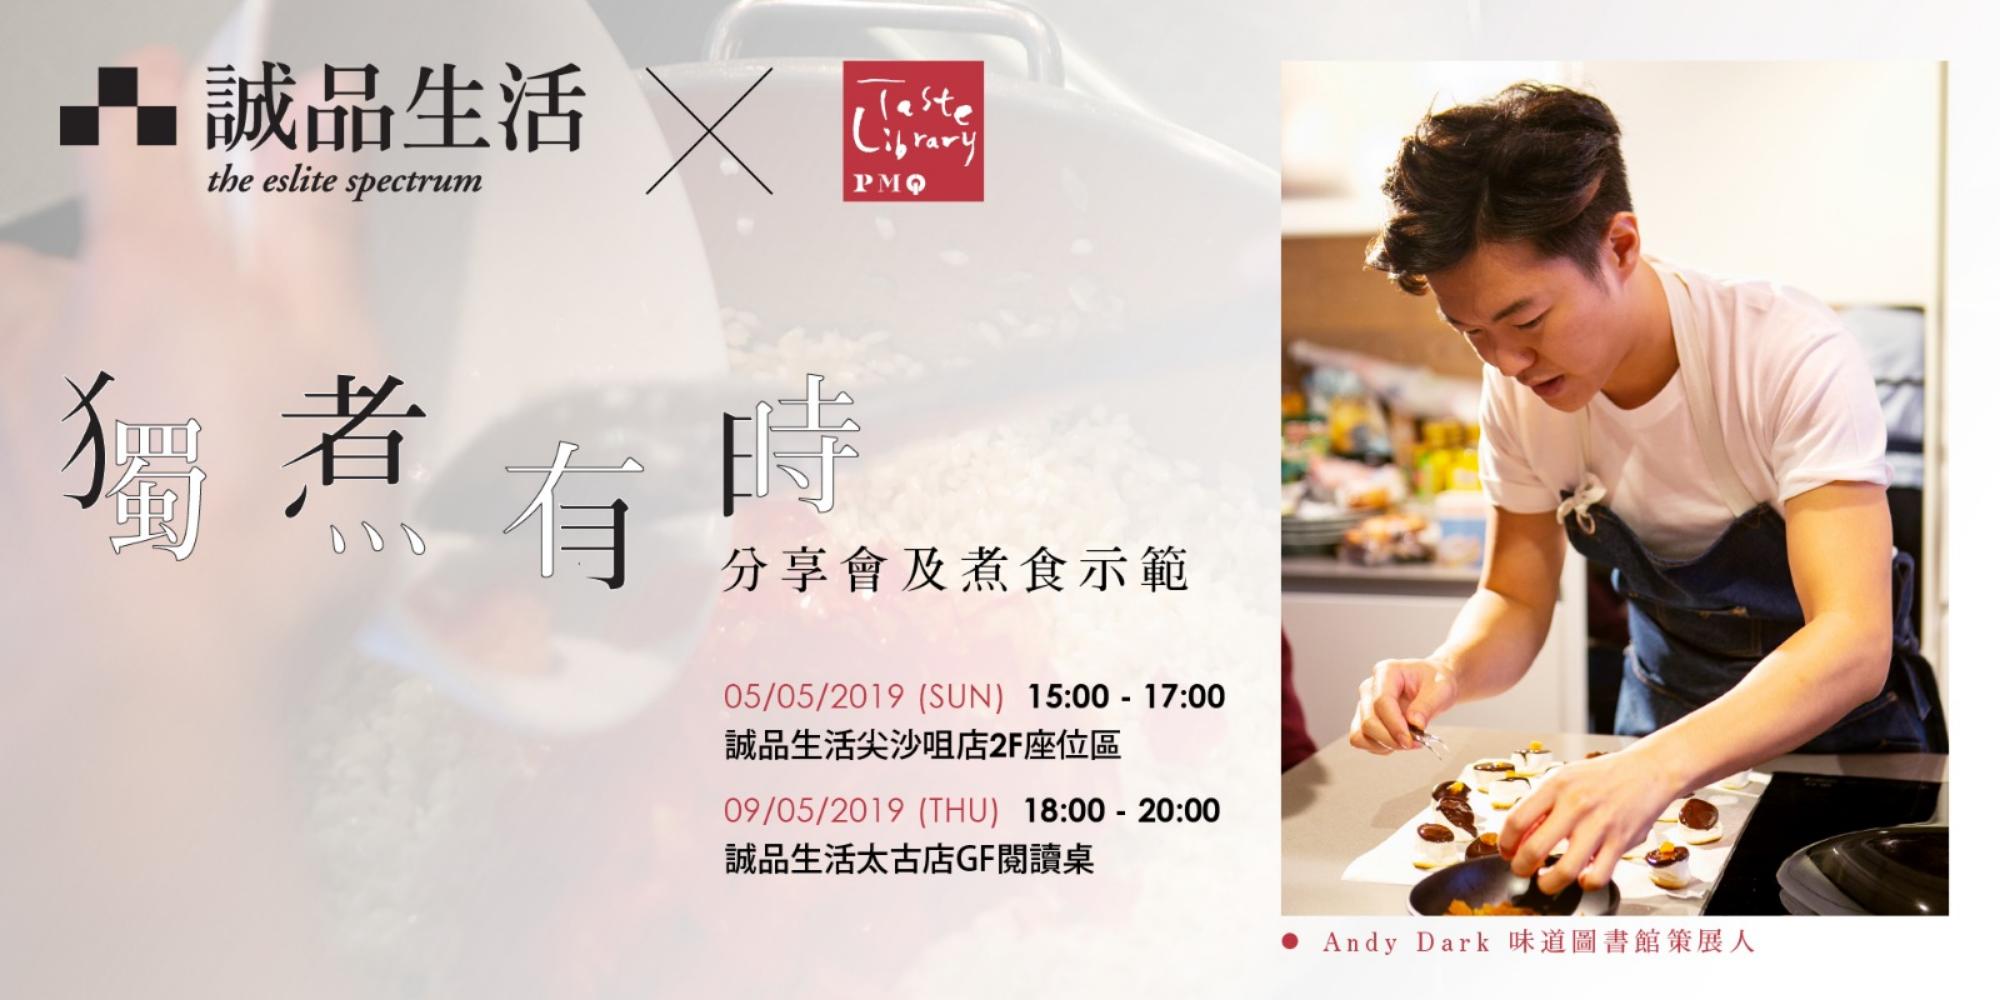 誠品生活 X 味道圖書館: 獨煮有時 - 分享會及菜式示範